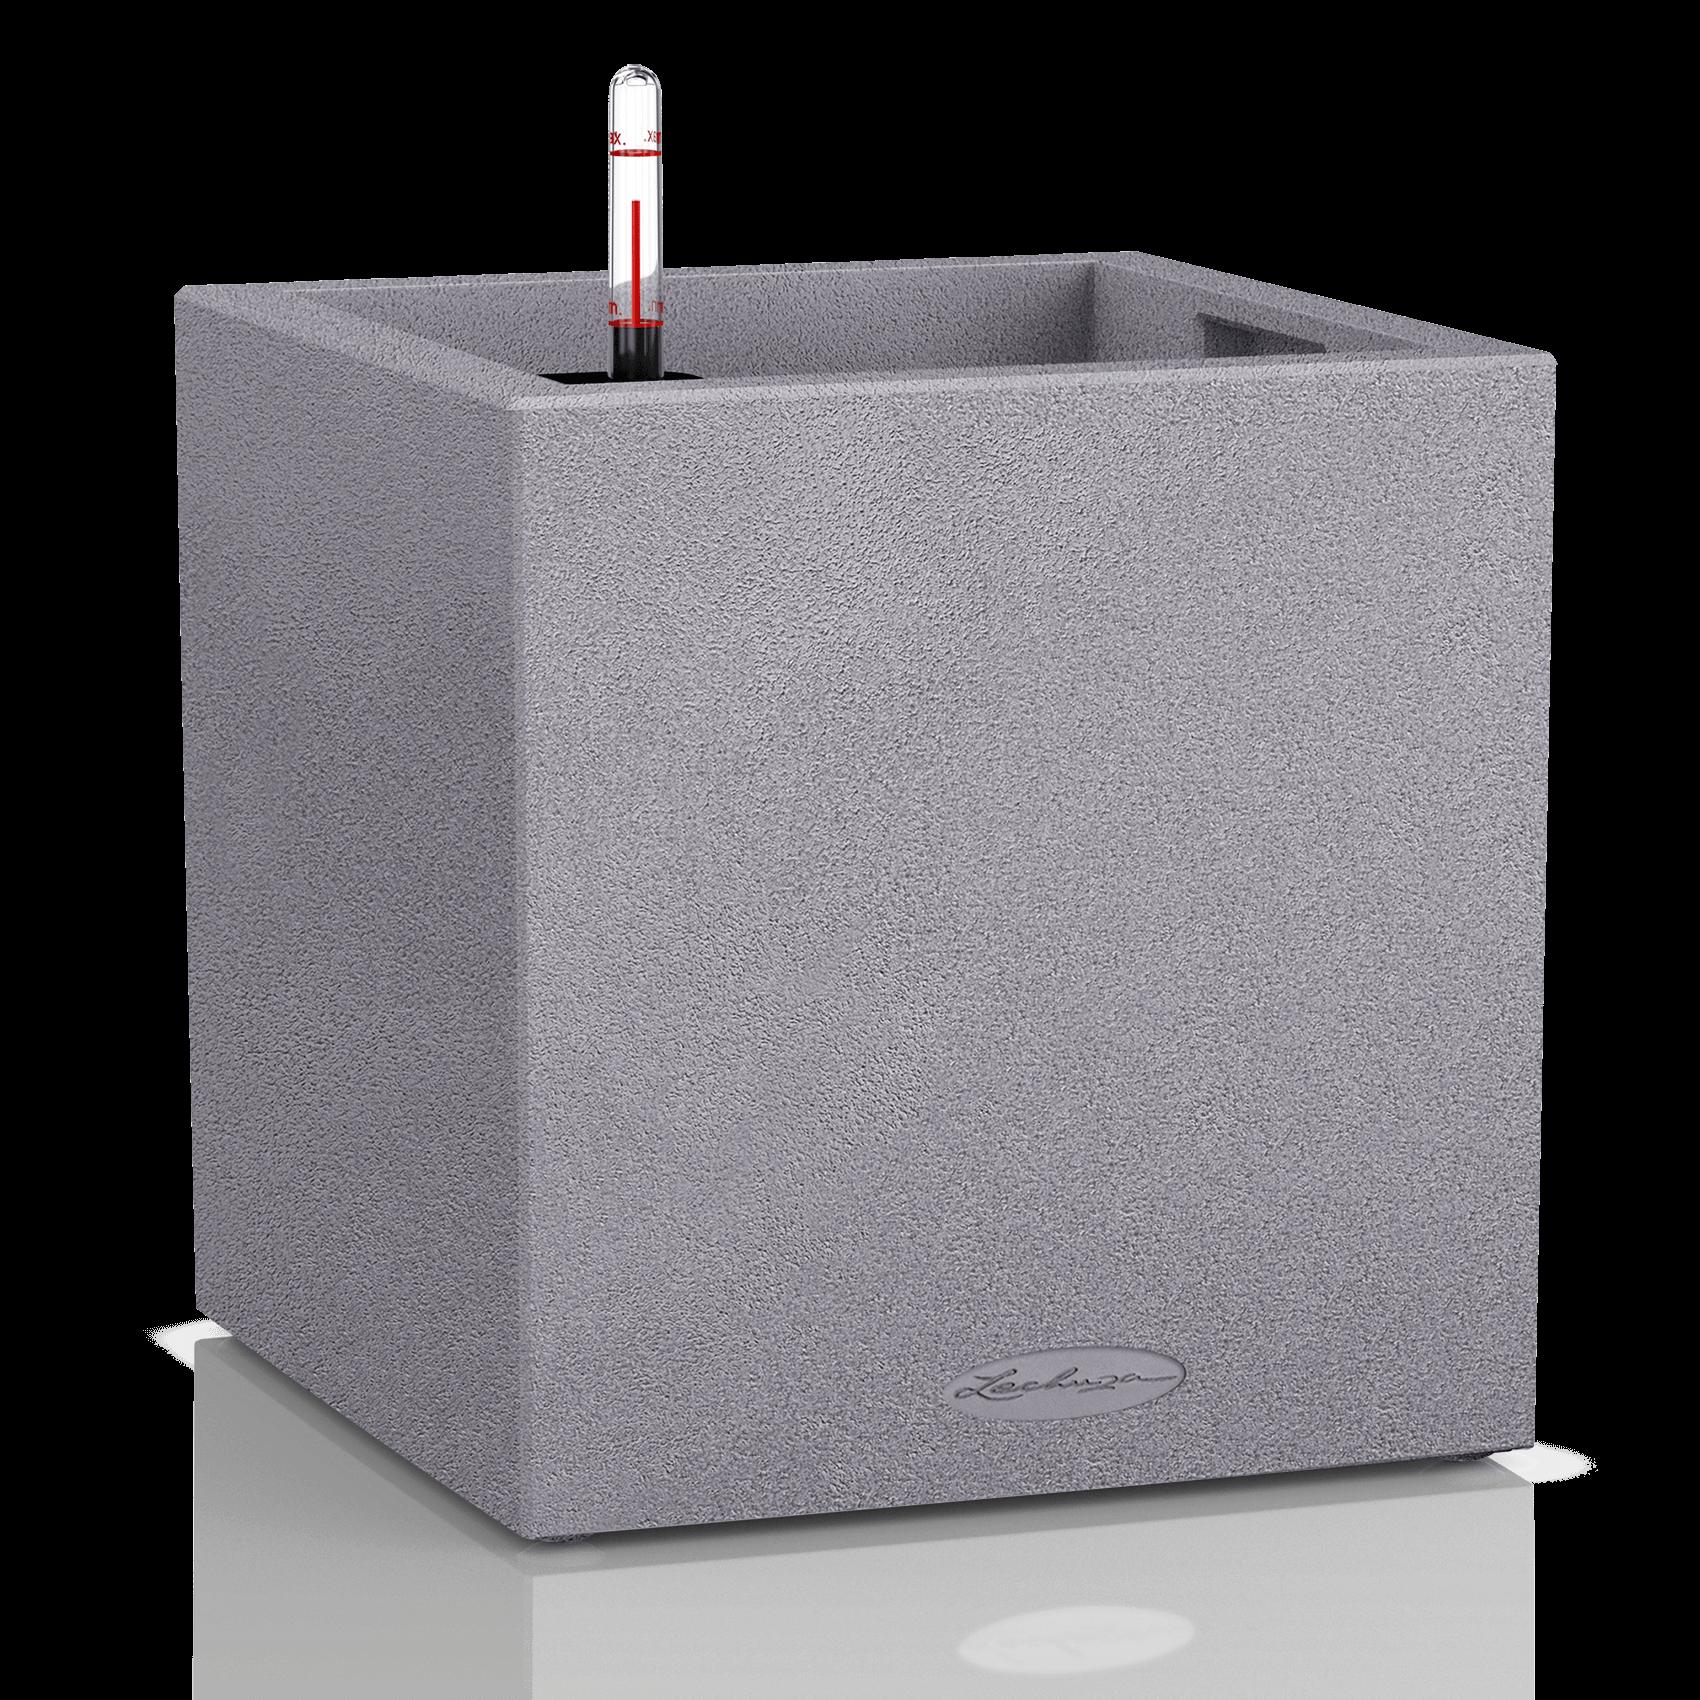 CANTO Color cubo 40 gris piedra